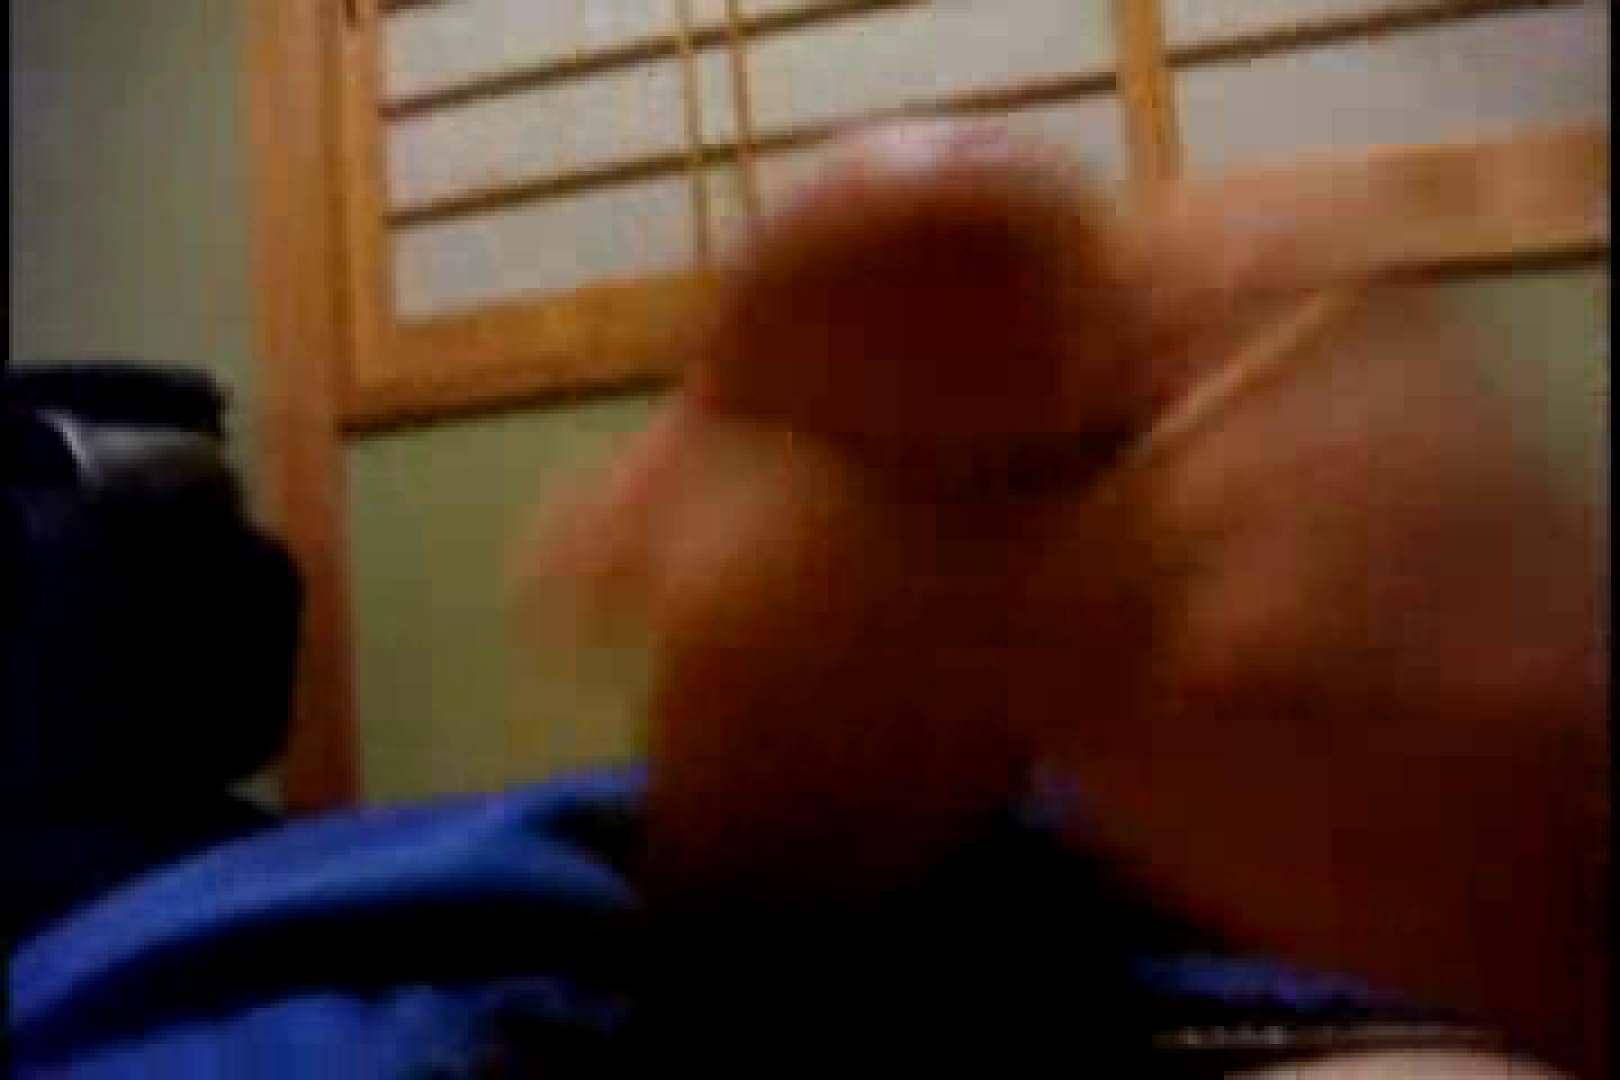 ゲイザーメン動画|オナ好きノンケテニス部員の自画撮り投稿vol.02|射精